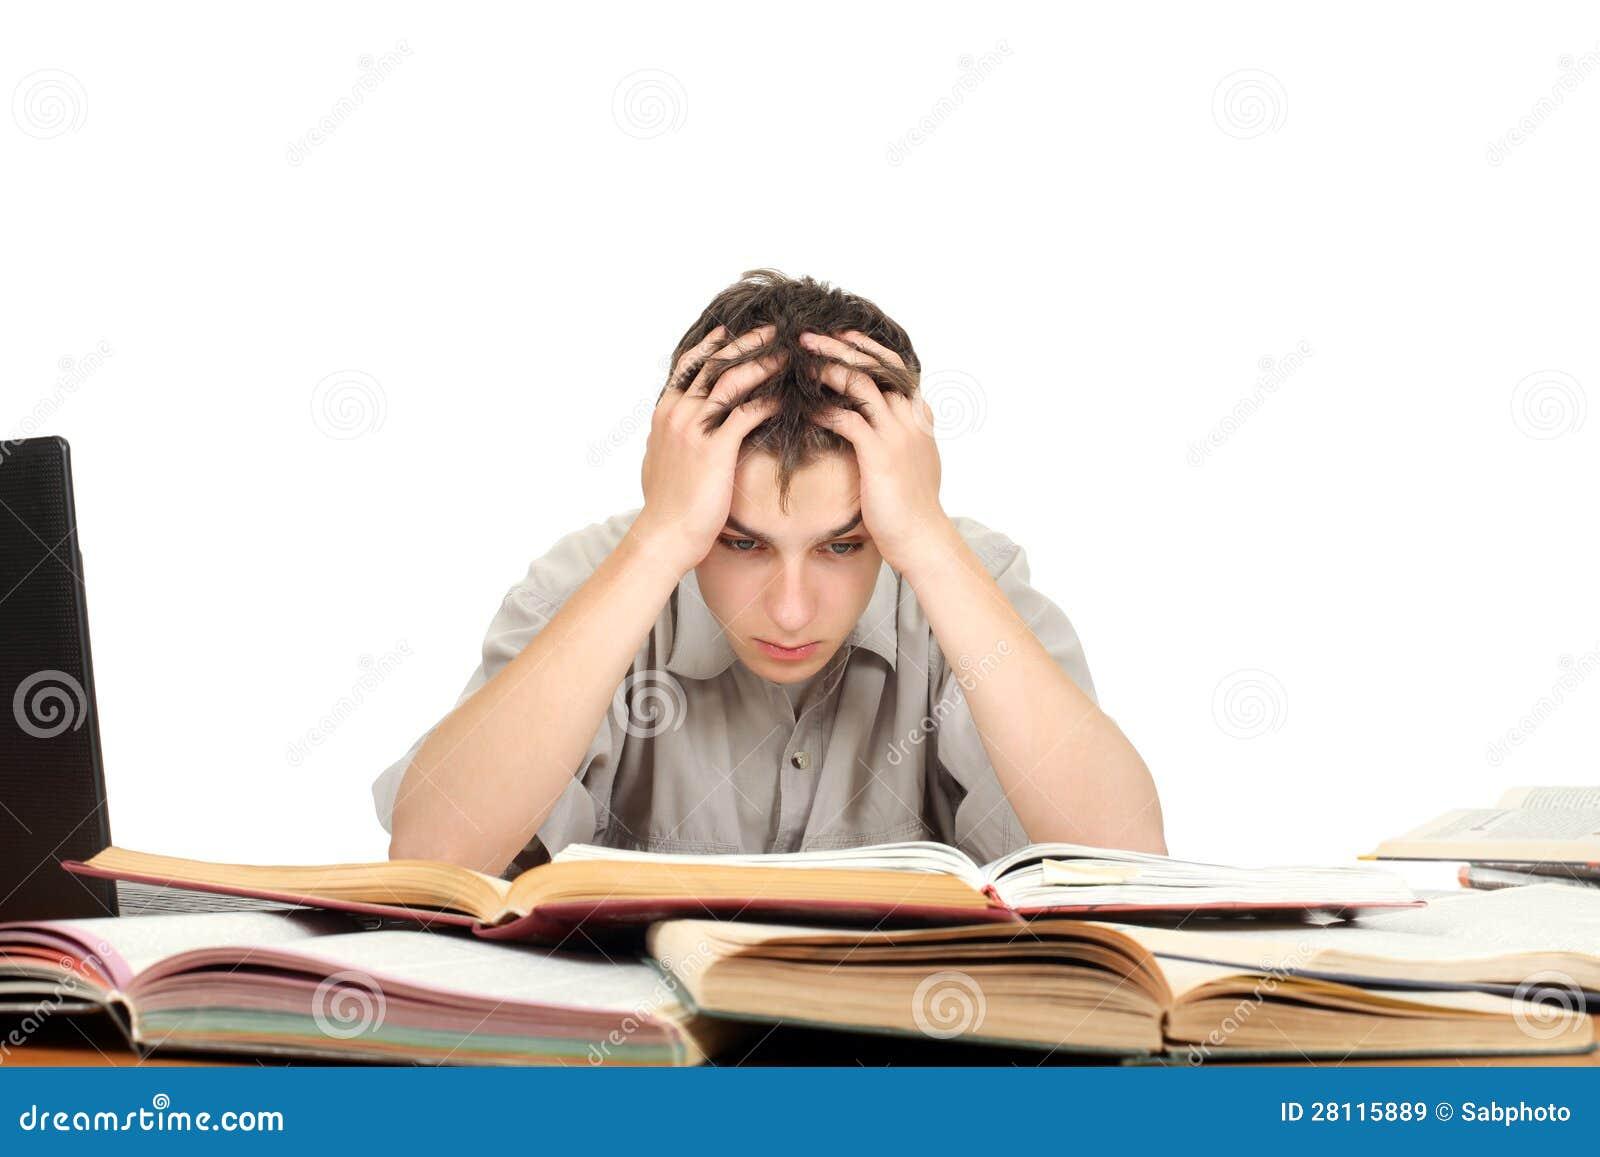 Estudiante Preocupado Imagen De Archivo. Imagen De Boring